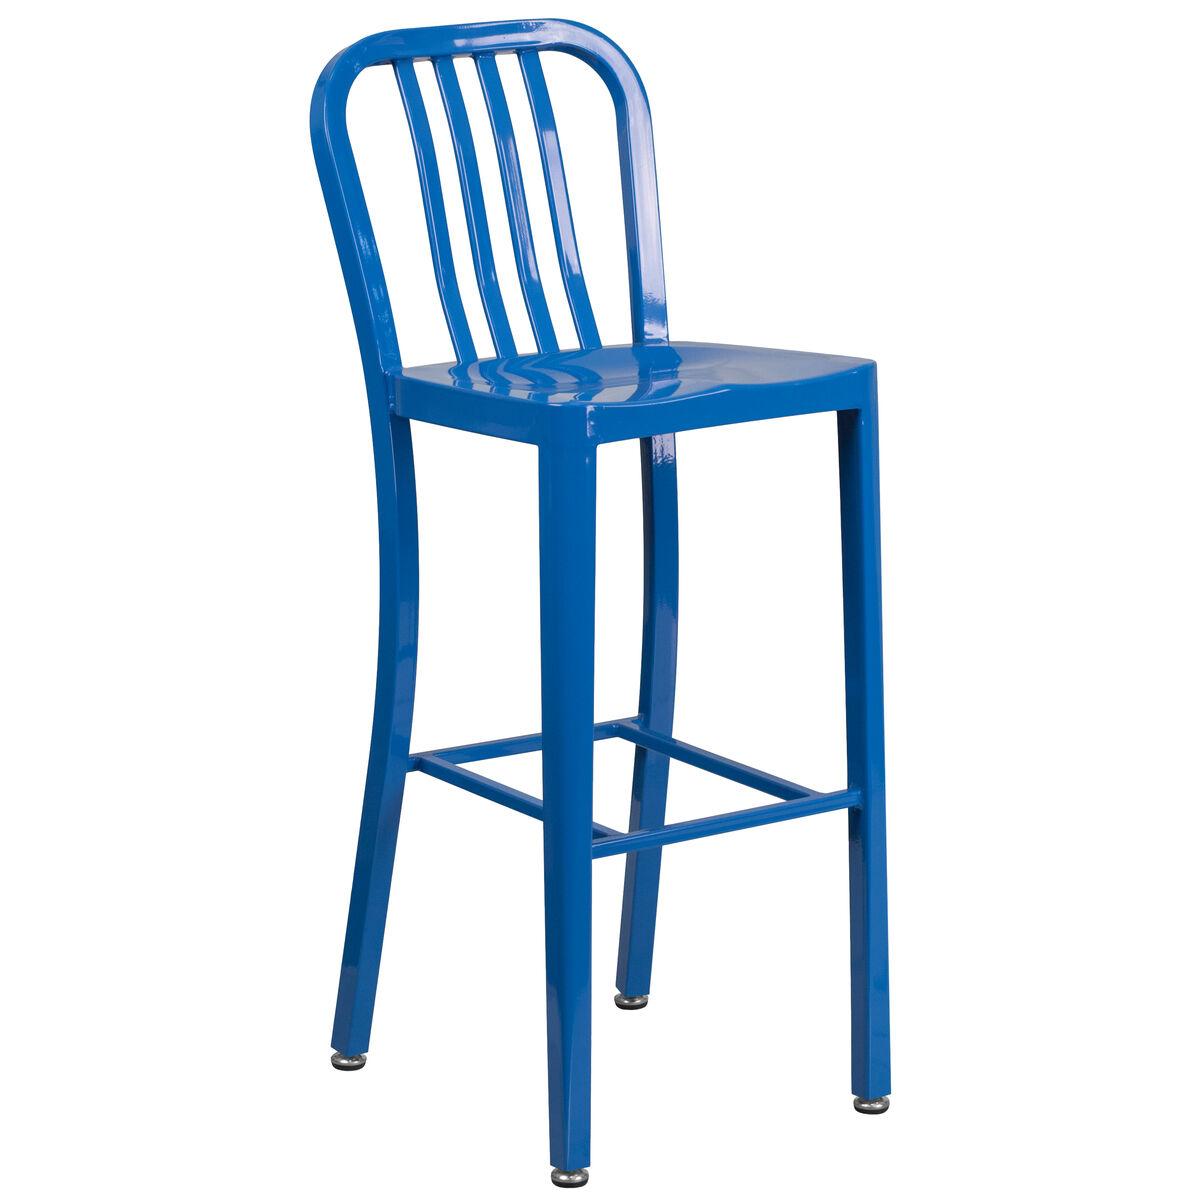 30 Blue Metal Outdoor Stool Ch 61200 30 Bl Gg Bizchaircom